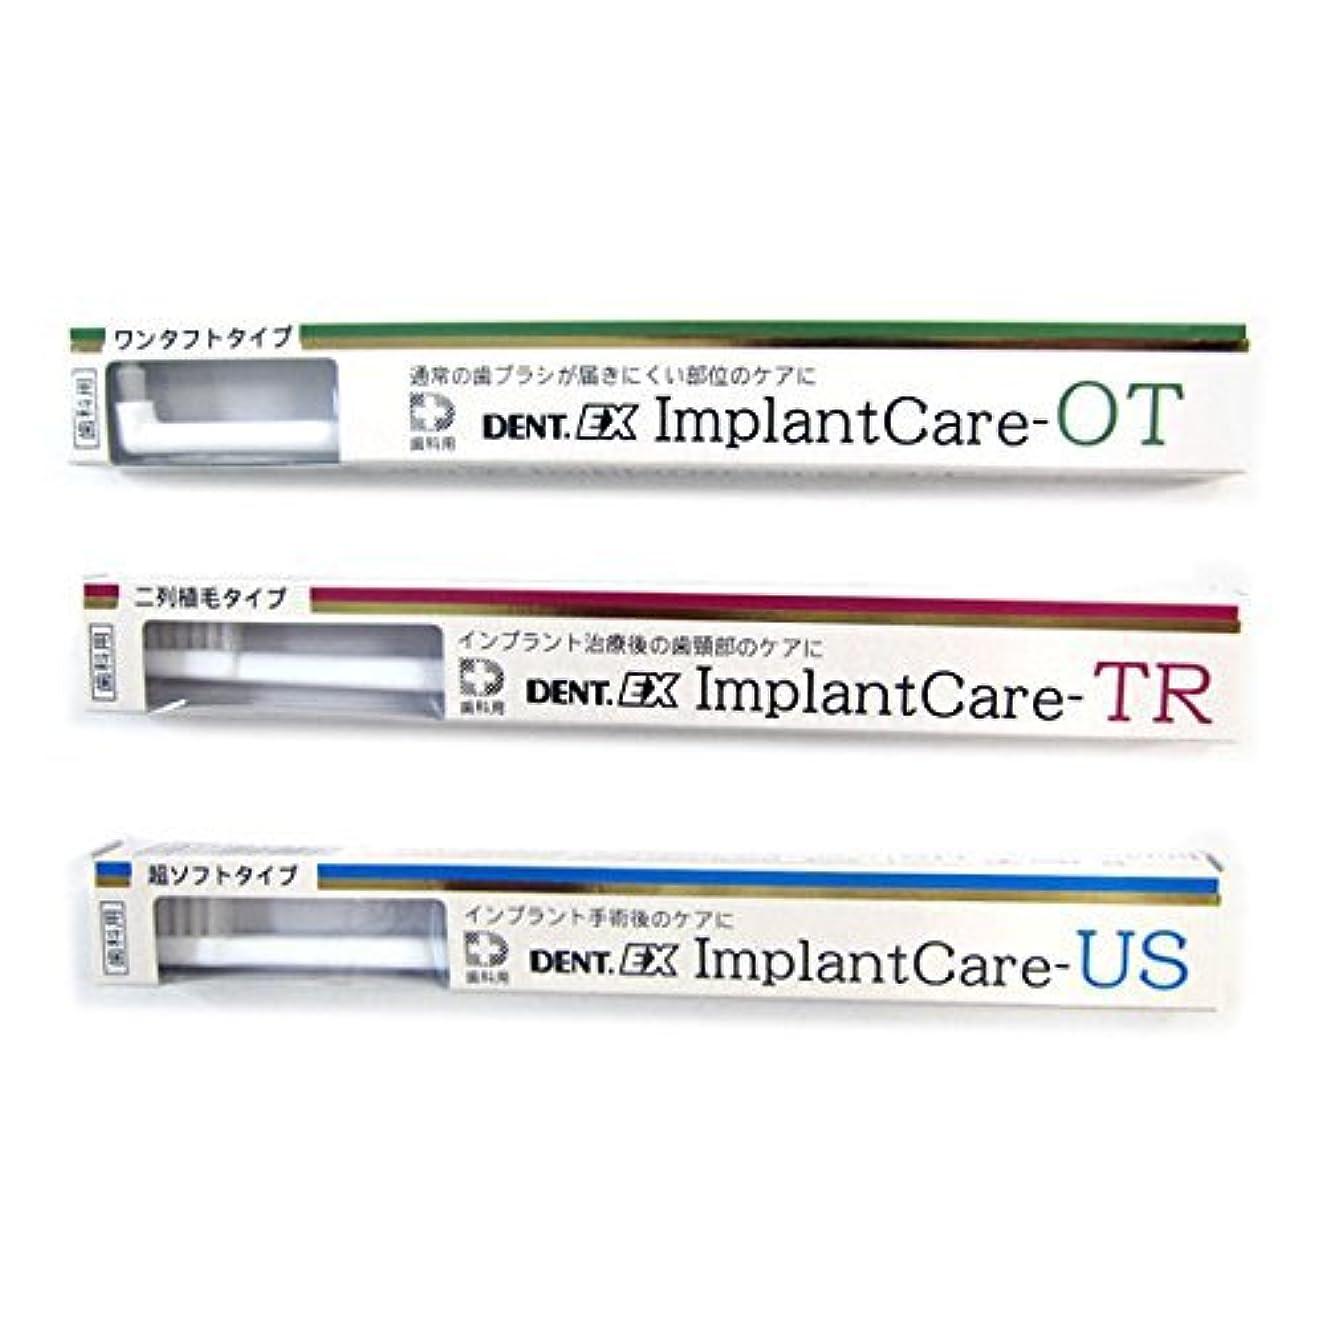 つまらない不和容器デント DENT EX ImplantCare インプラントケア 単品 OT(ワンタフト)